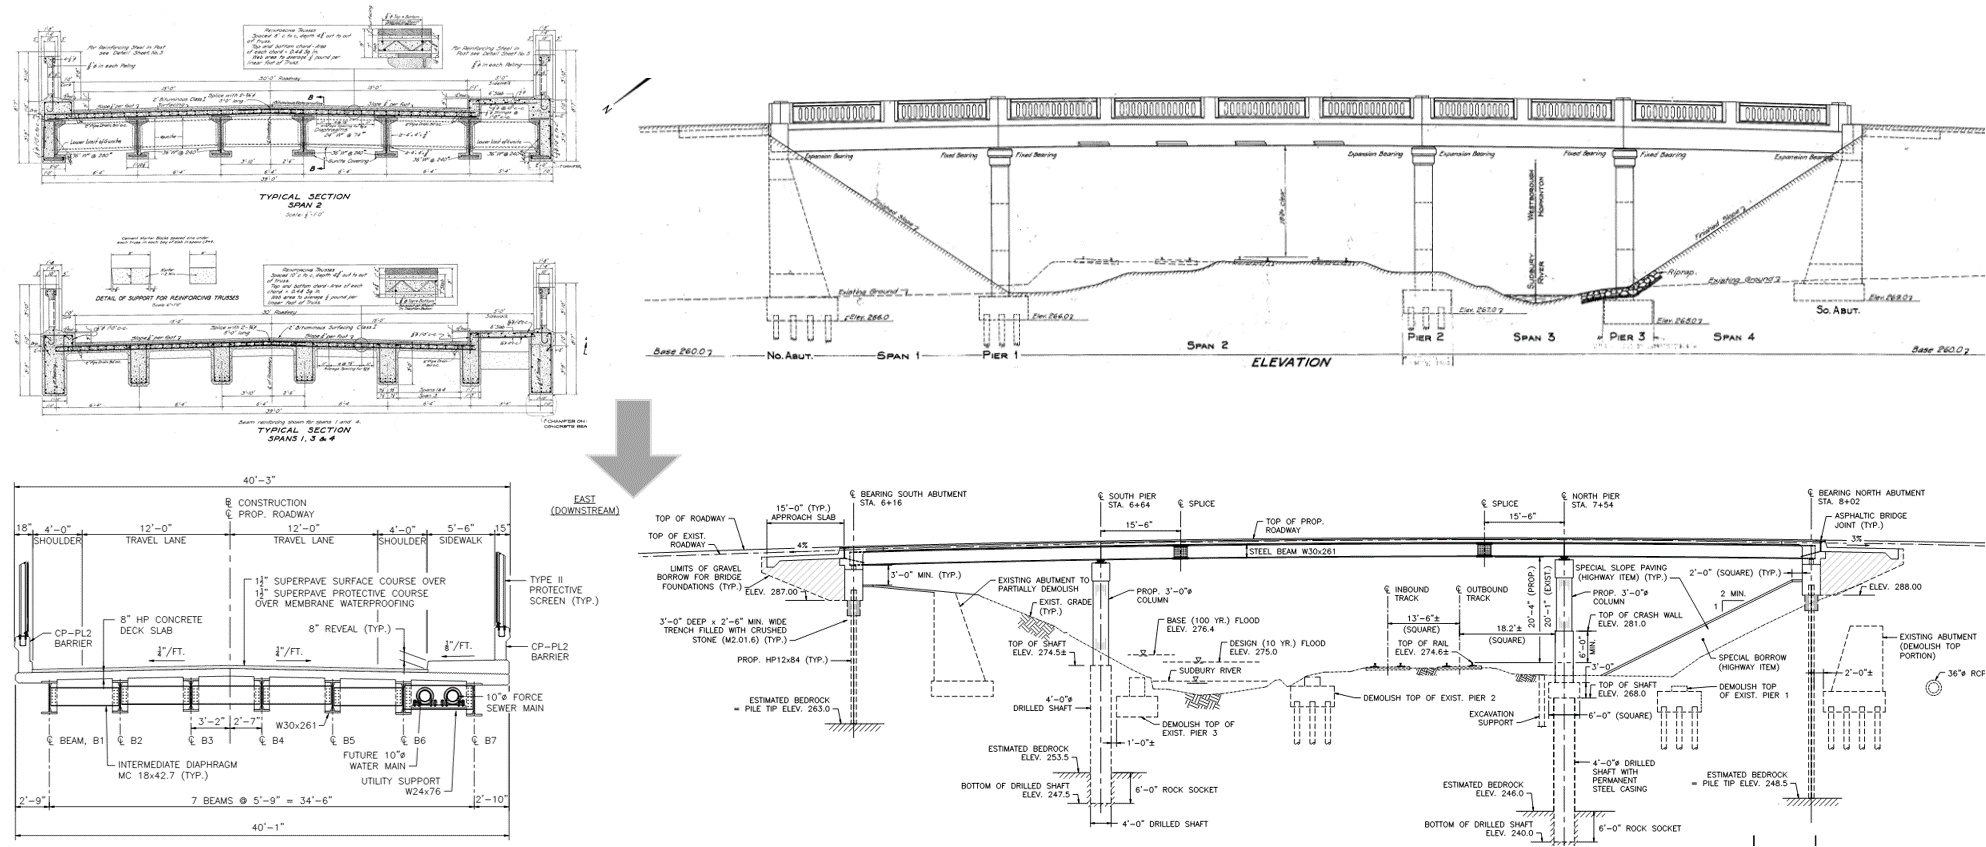 Bridge Design Drawings